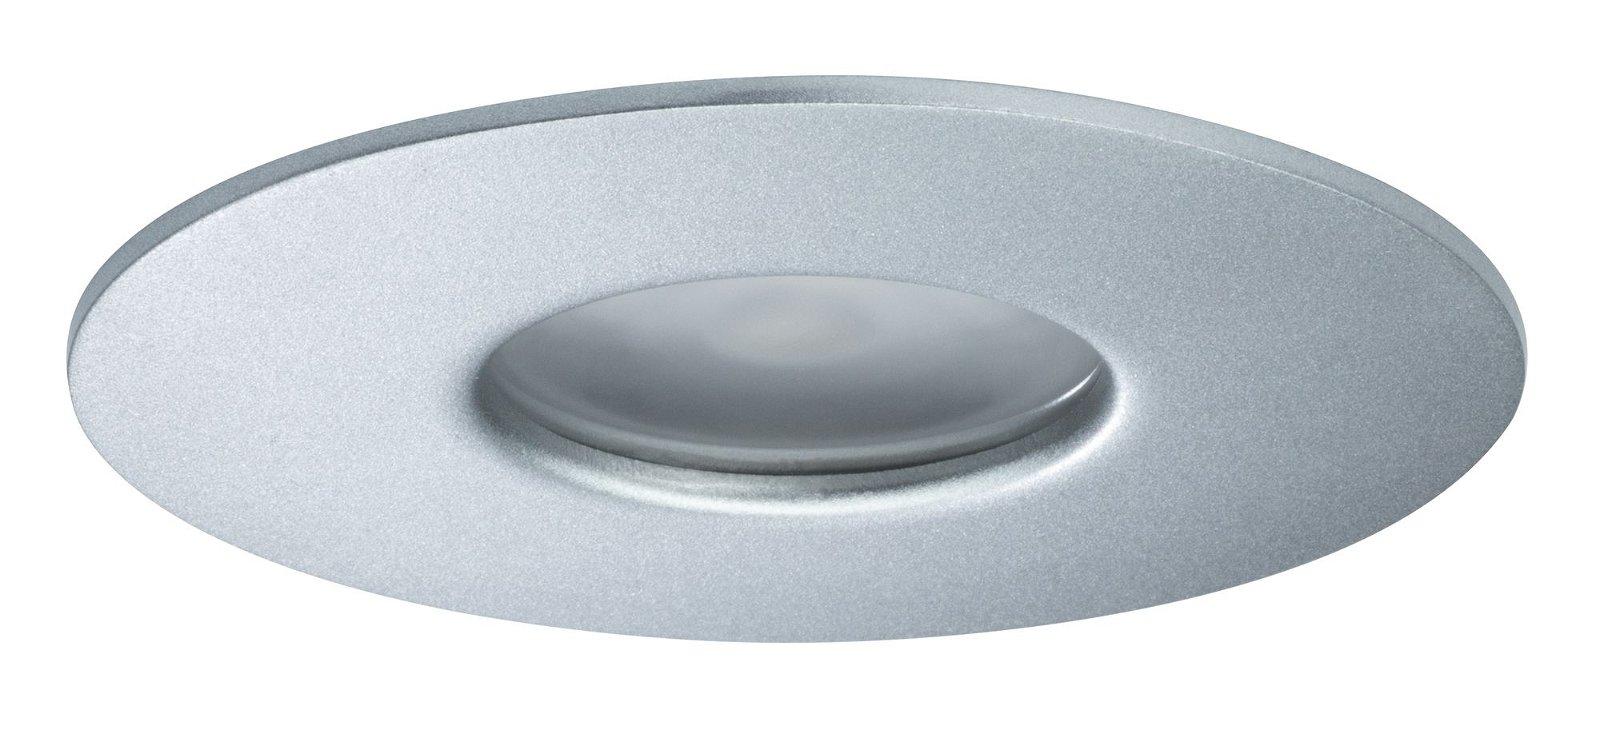 House Einbauleuchte IP44 4000K 34° 5,8W Silber